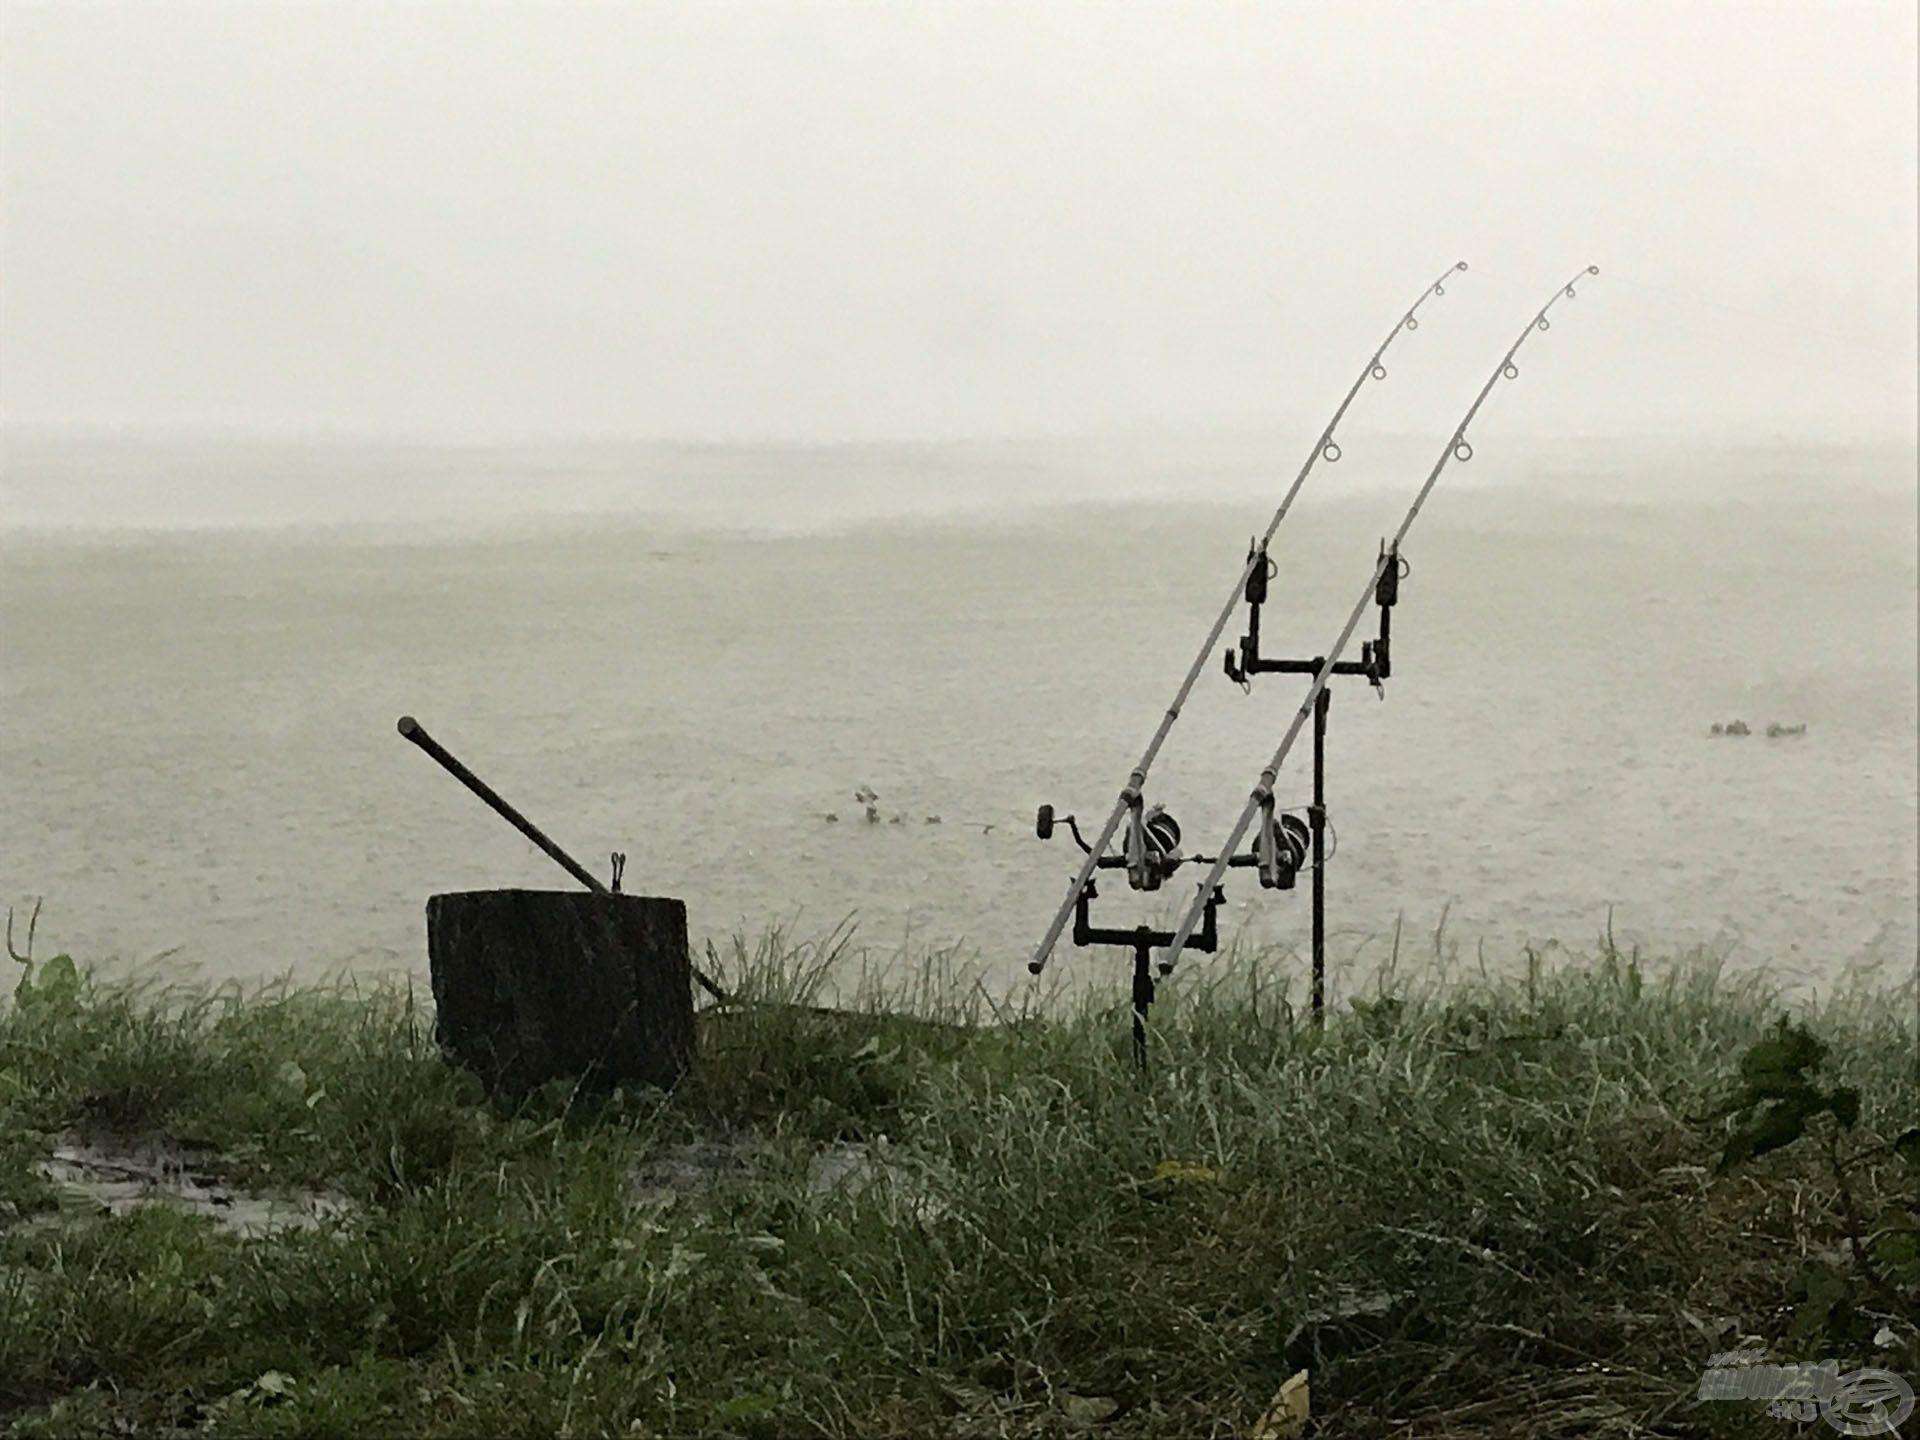 A nagy viharok általában alaposan felpezsdítik a vizeket